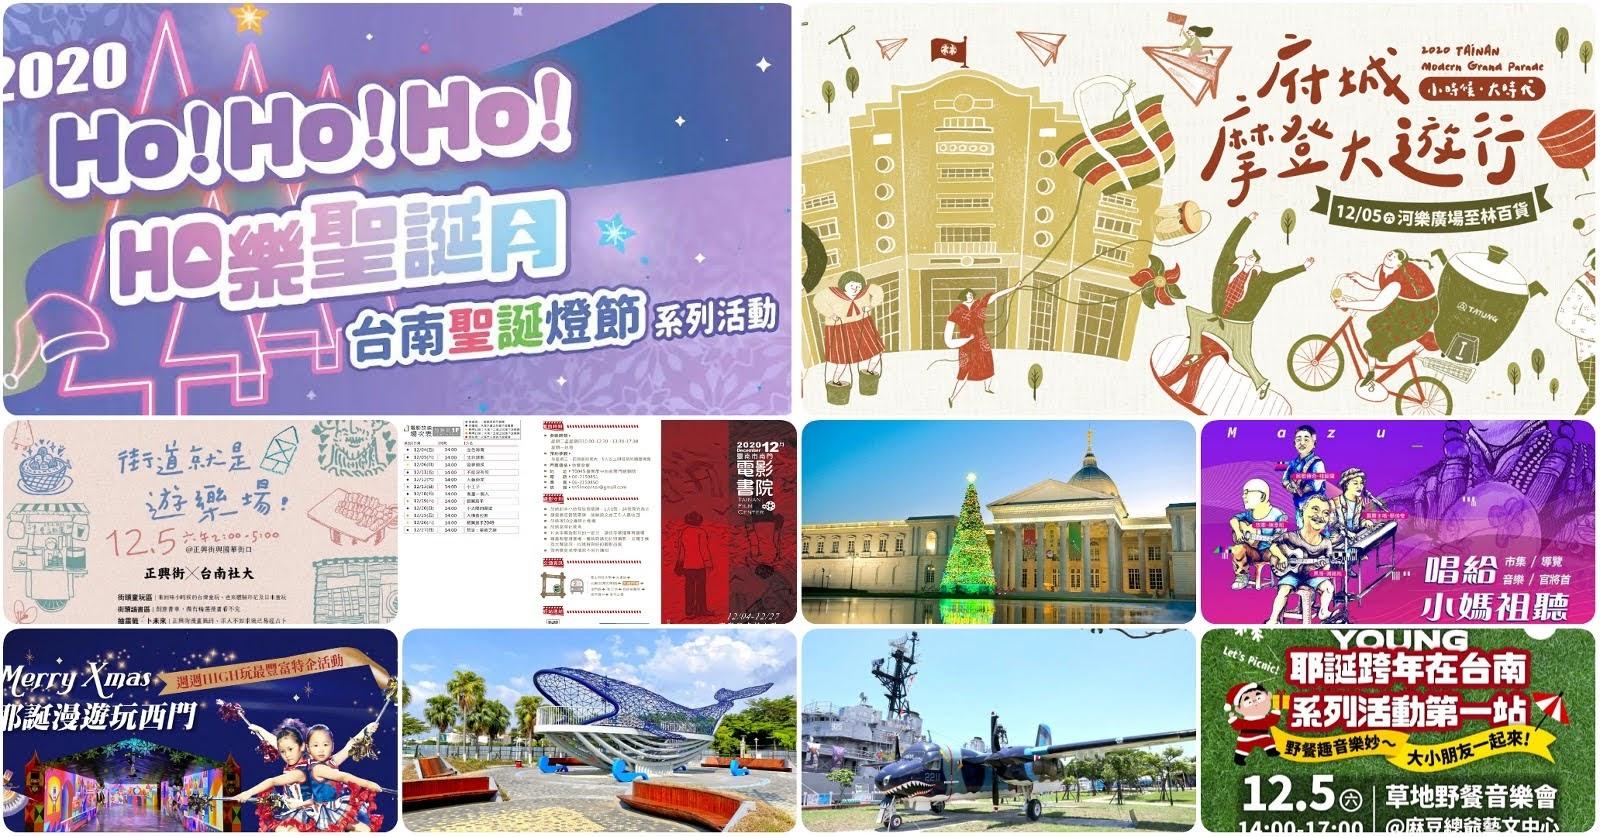 [活動] 2020/12/5-/12/6|台南週末活動整理|本週末資訊數:88